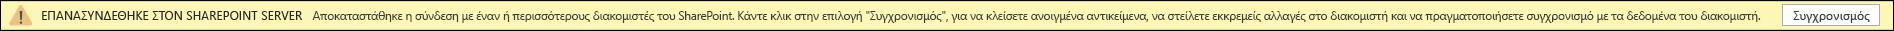 Κάντε κλικ στο κουμπί Συγχρονισμός για να συνδεθείτε ξανά με το SharePoint Server.